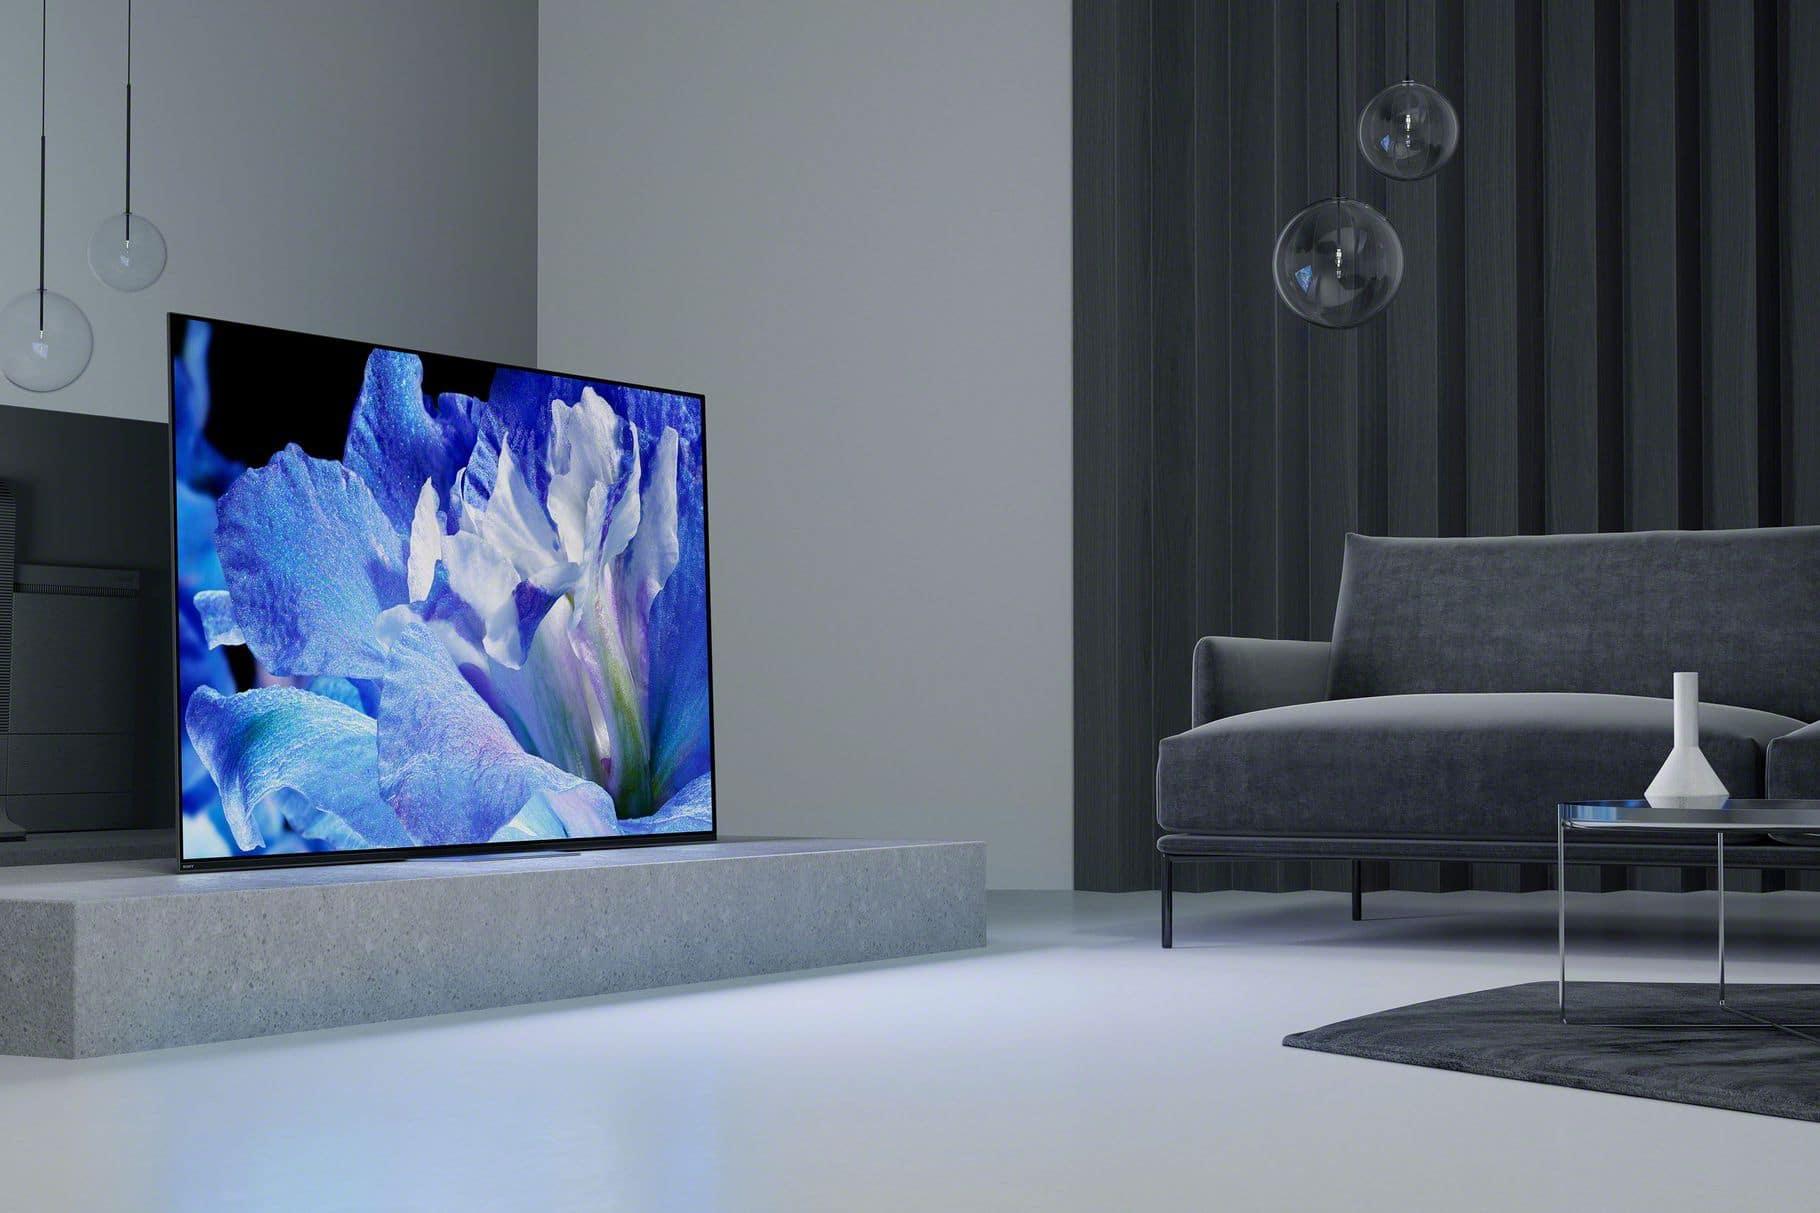 Обзор лучших телевизоров для фильмов и сериалов 4